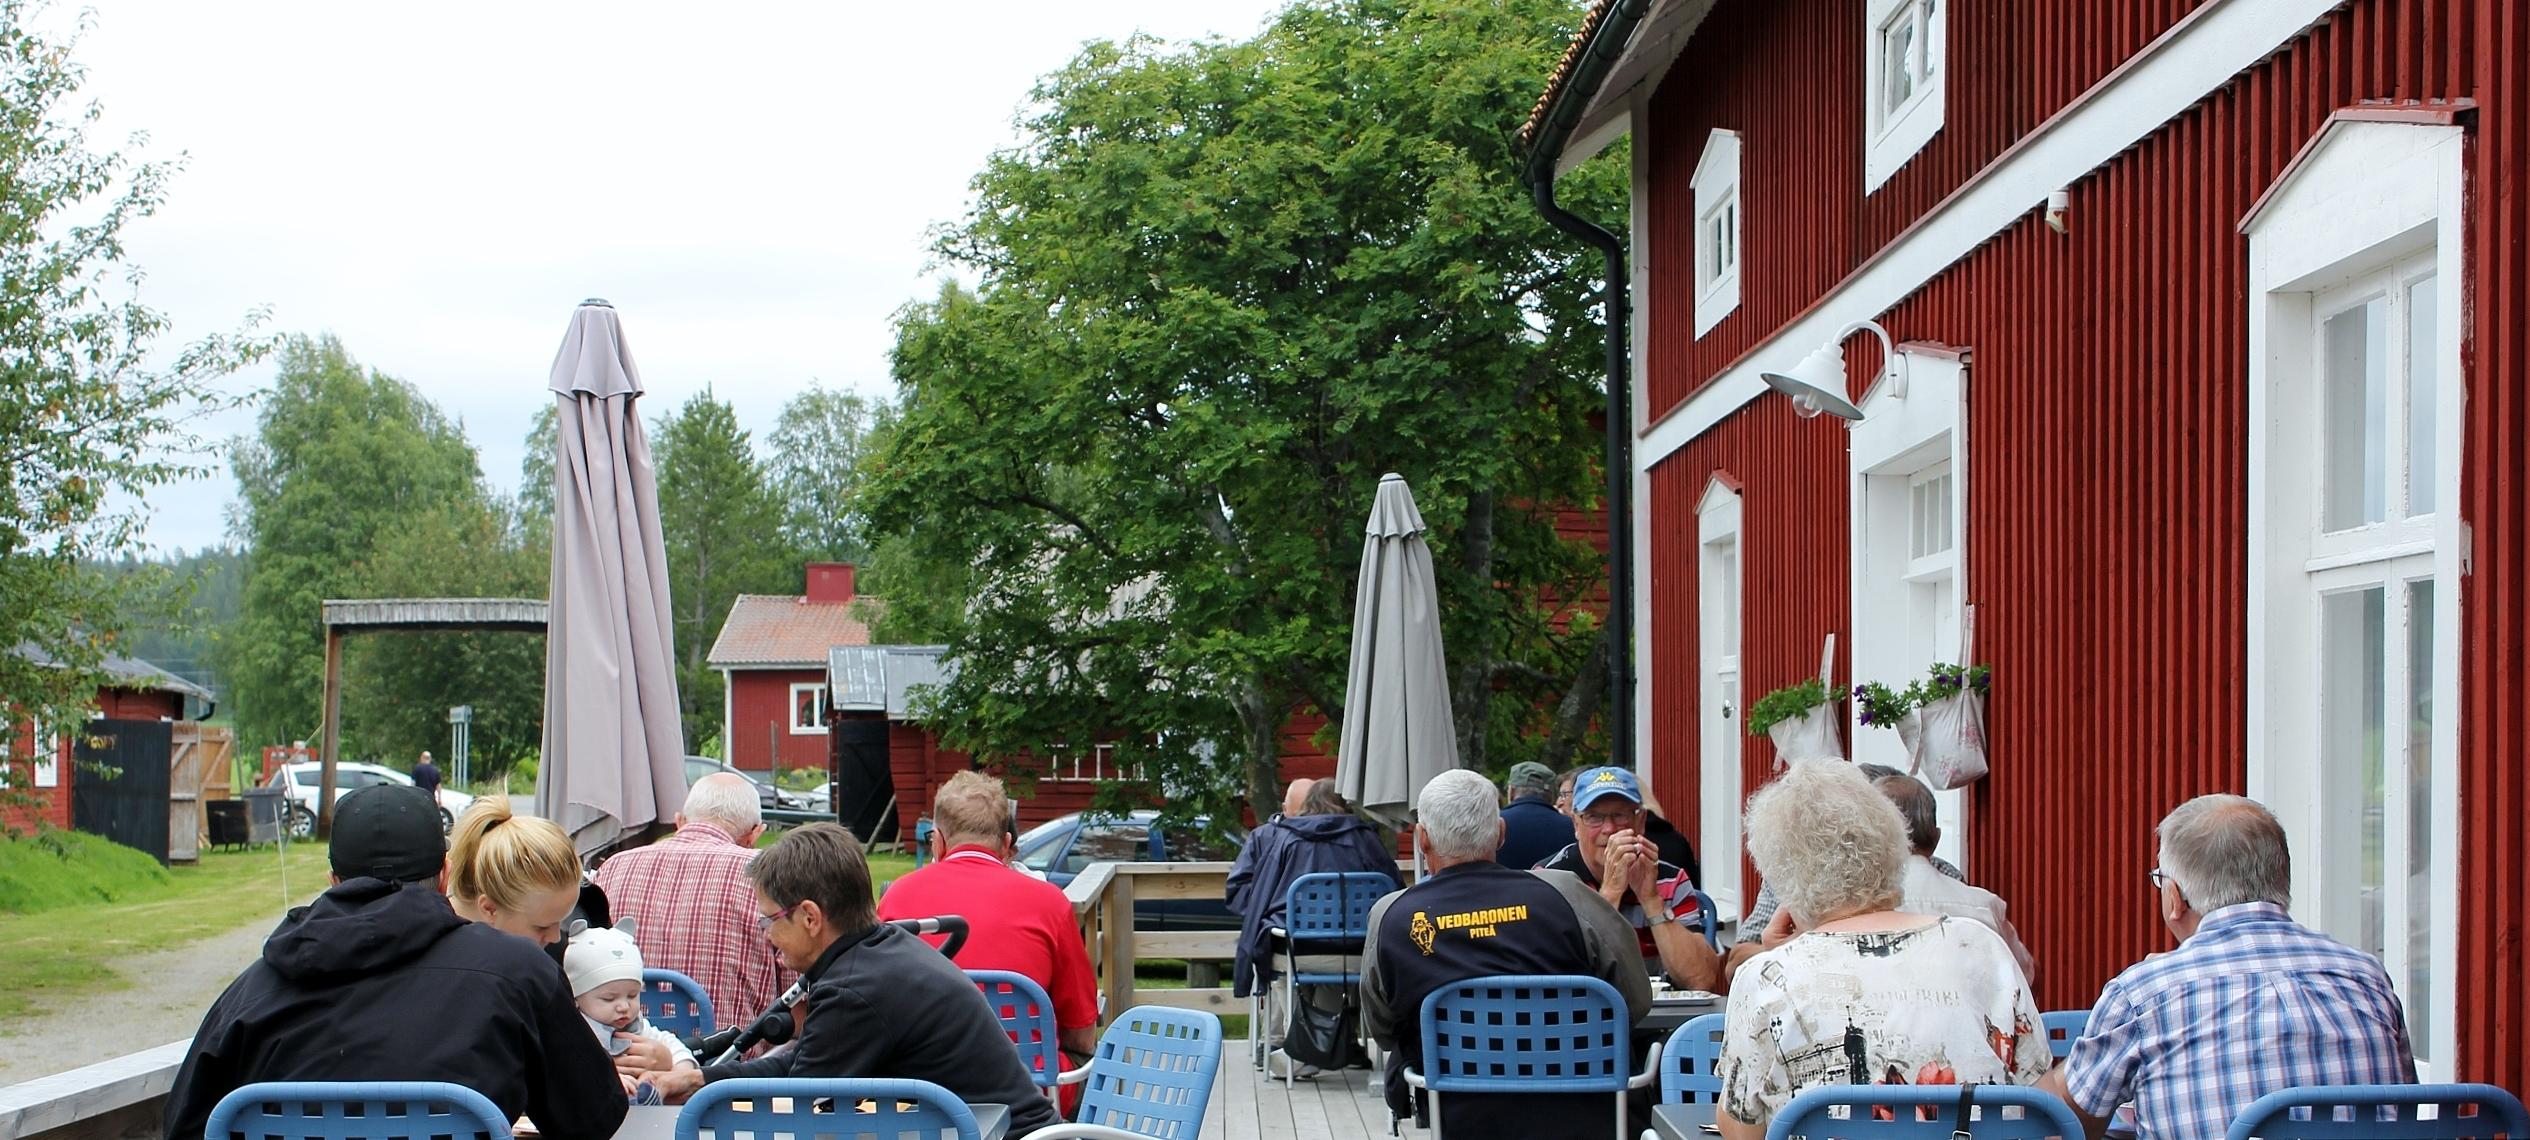 Uteservering Legdgården